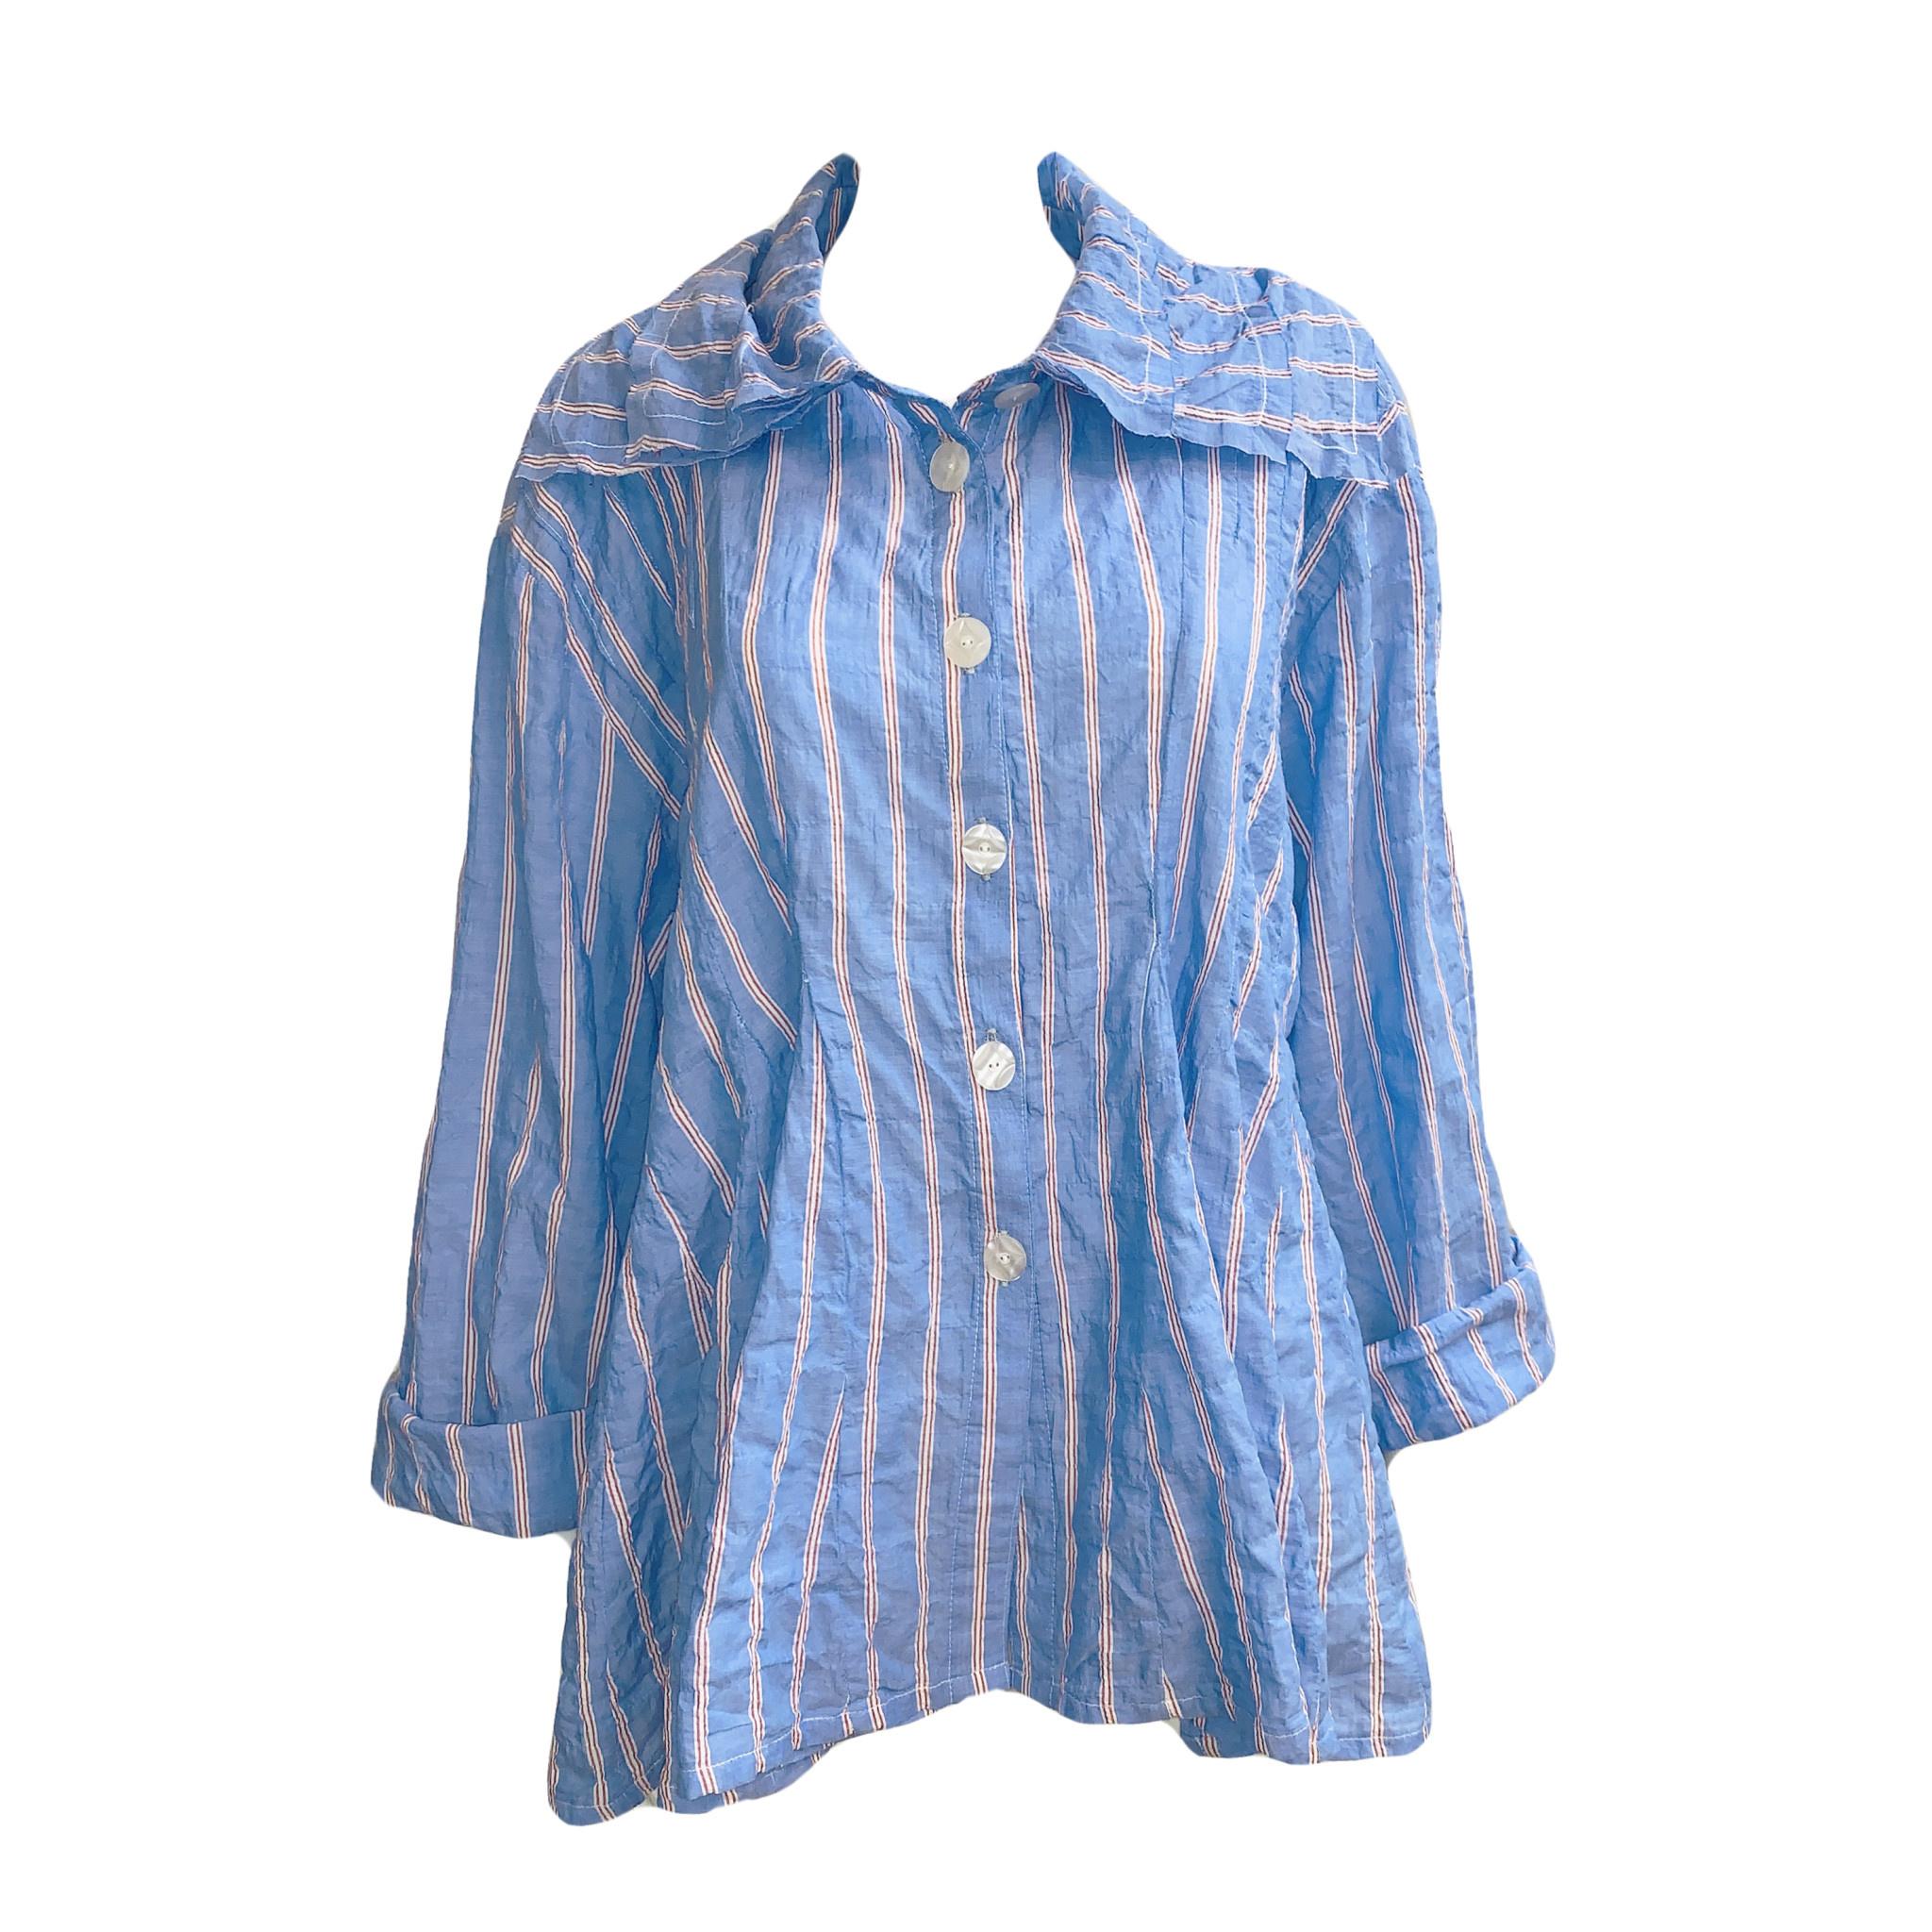 Dress To Kill Dress to Kill Triple Collar Top - Blue Coral